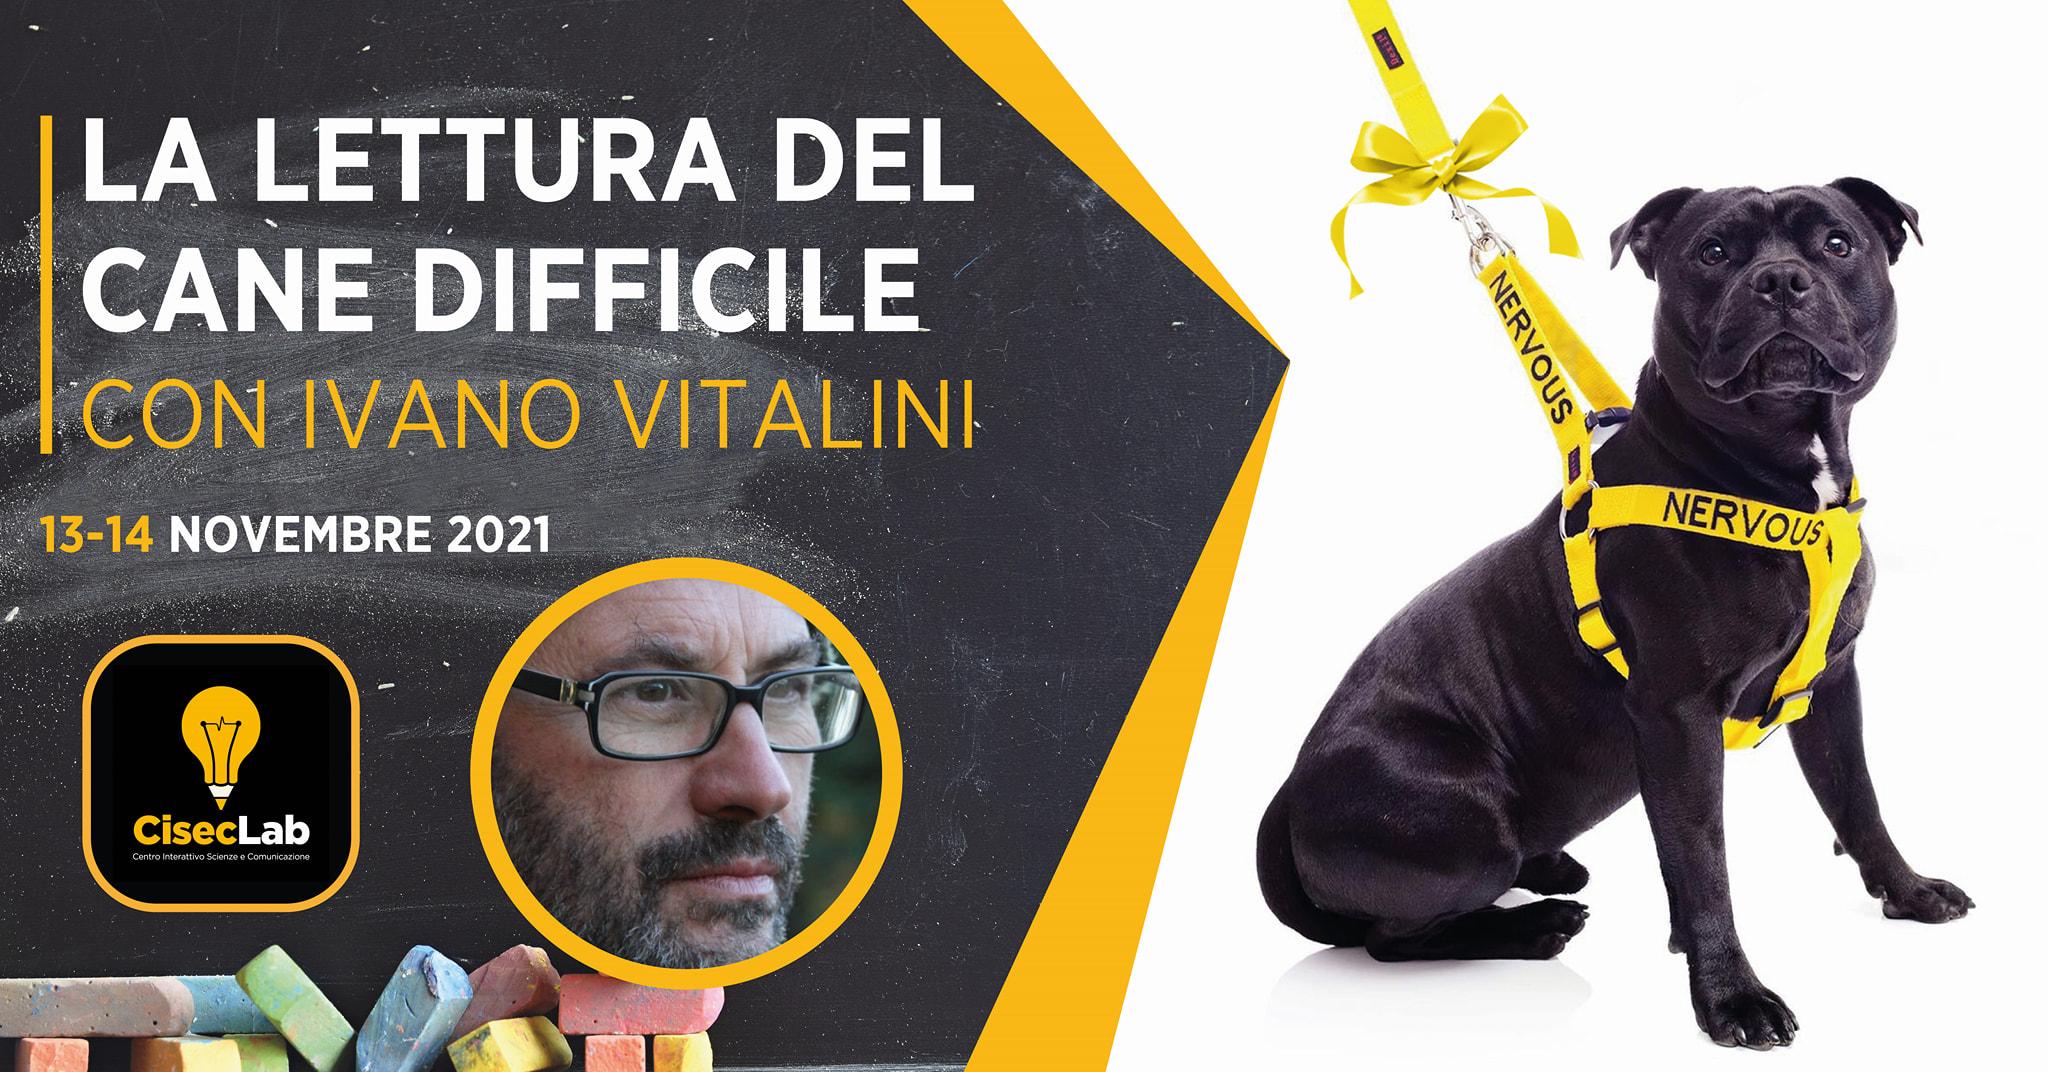 ROMA 13 e 14 novembre 2021 - La lettura del cane difficile con Ivano Vitalini